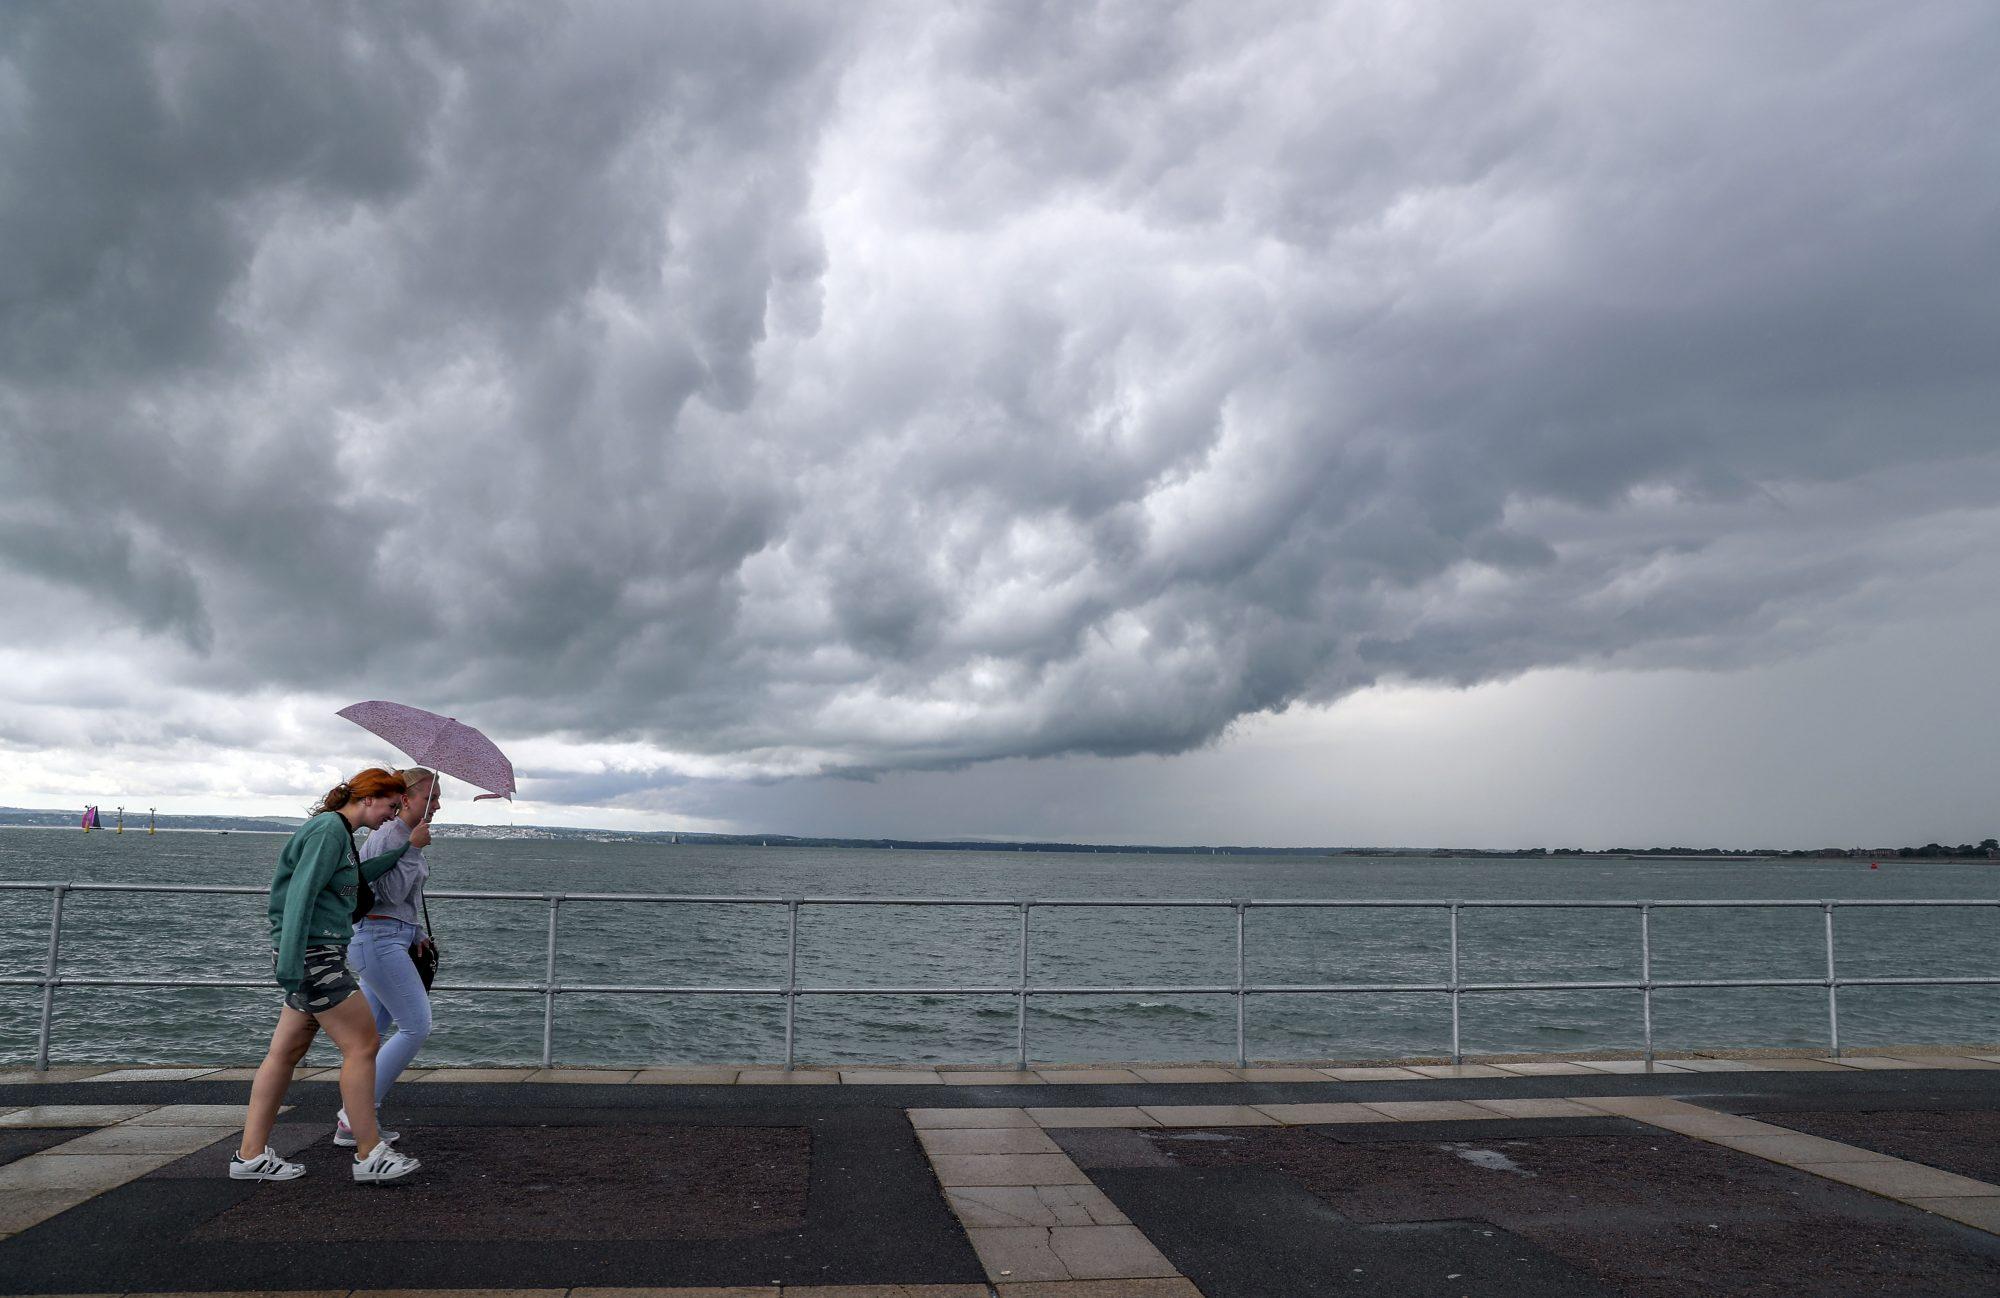 a summer thunderstorm